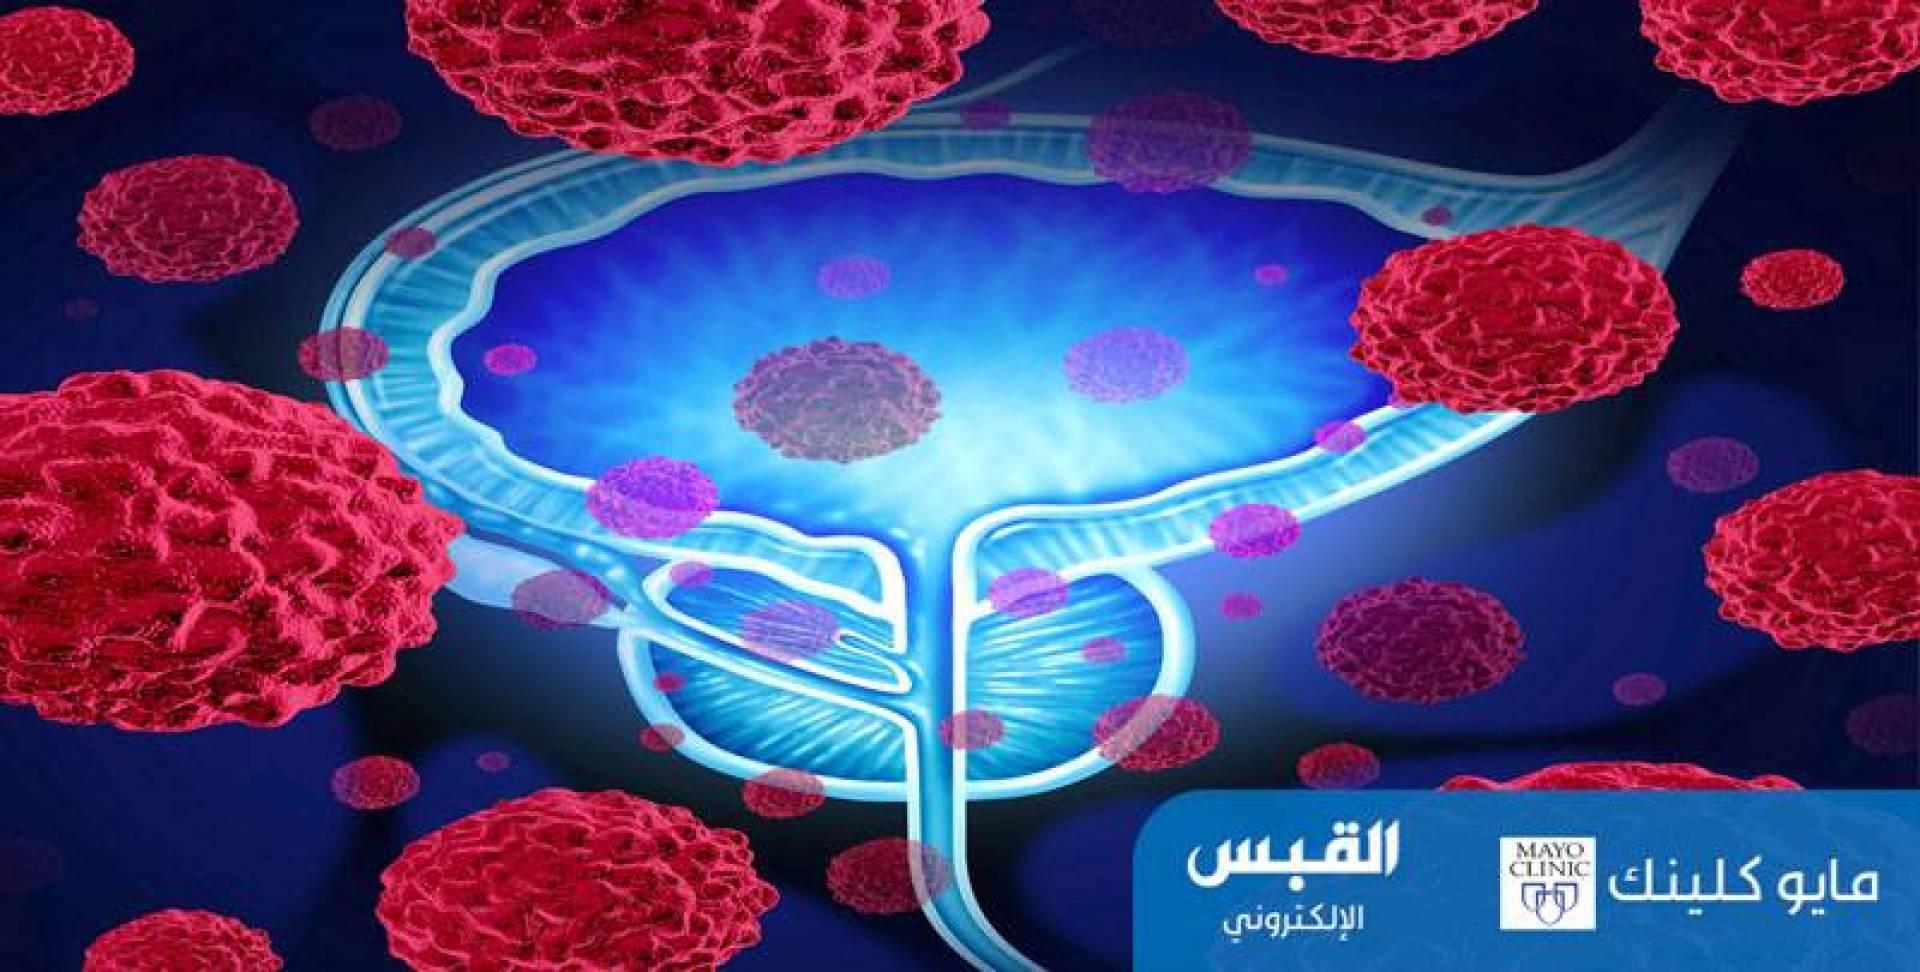 6 أعراض للمرحلة الرابعة من سرطان البروستاتا